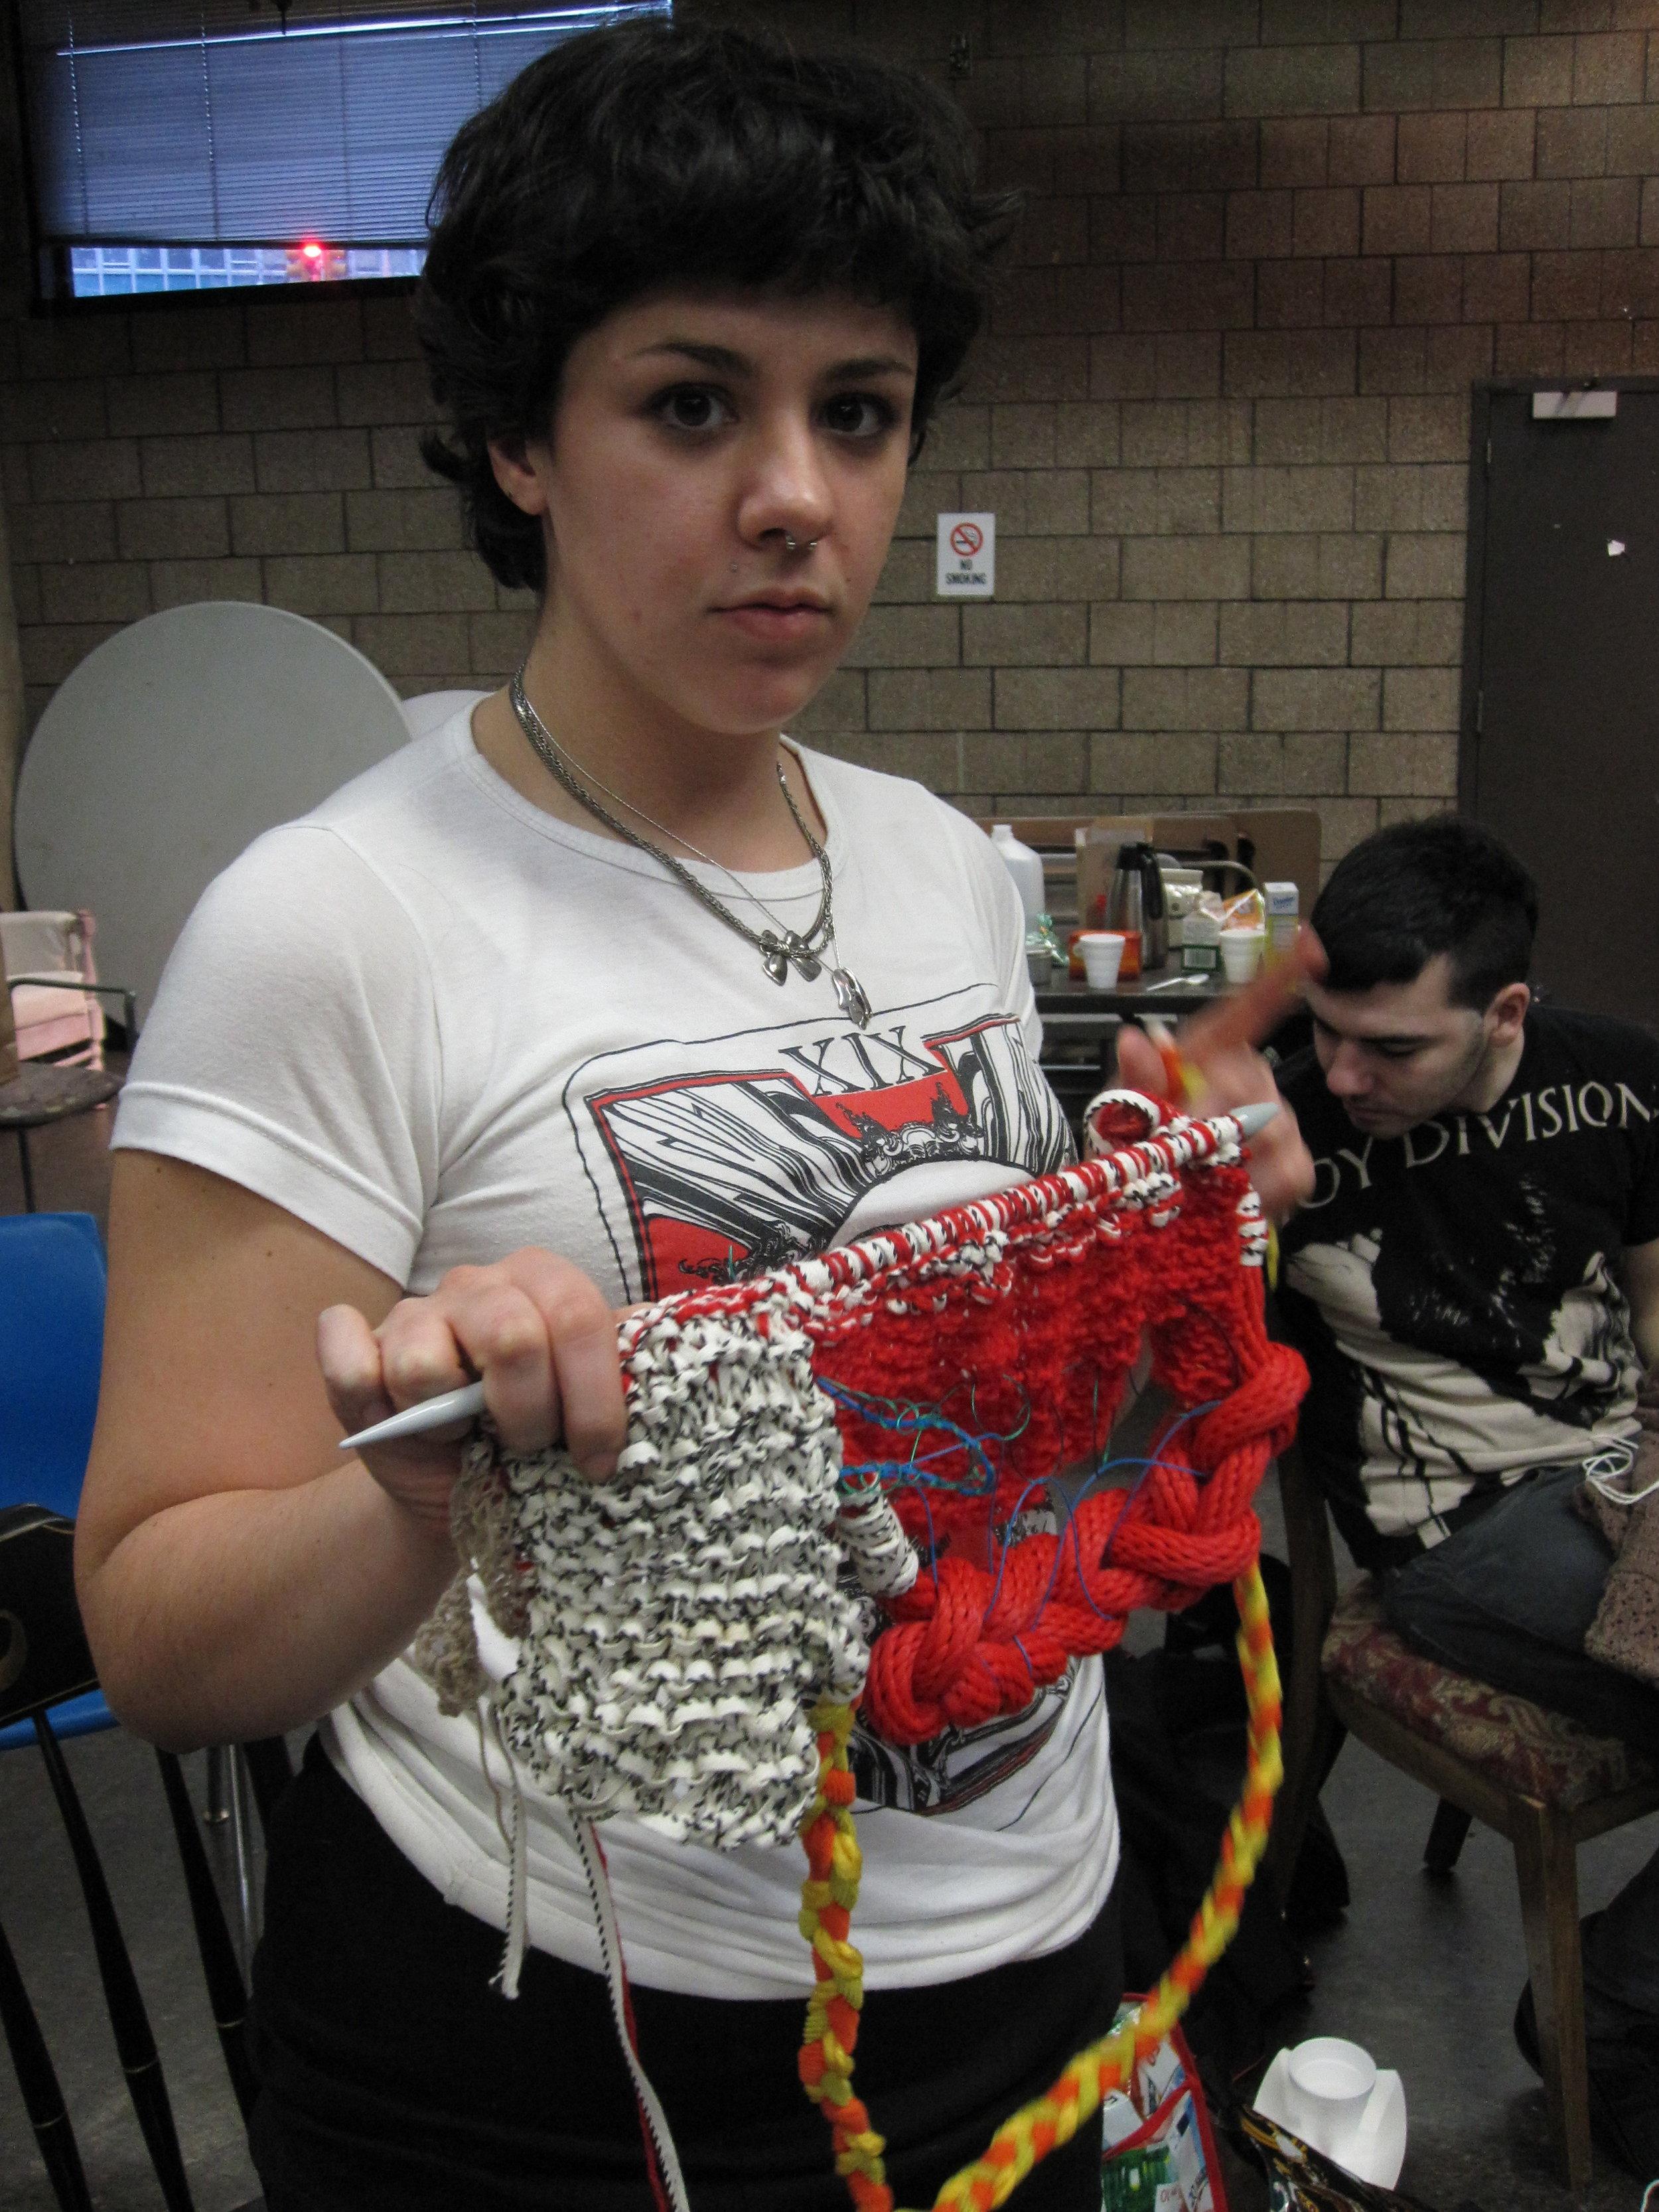 knittingmarathon10_4314485165_o.jpg